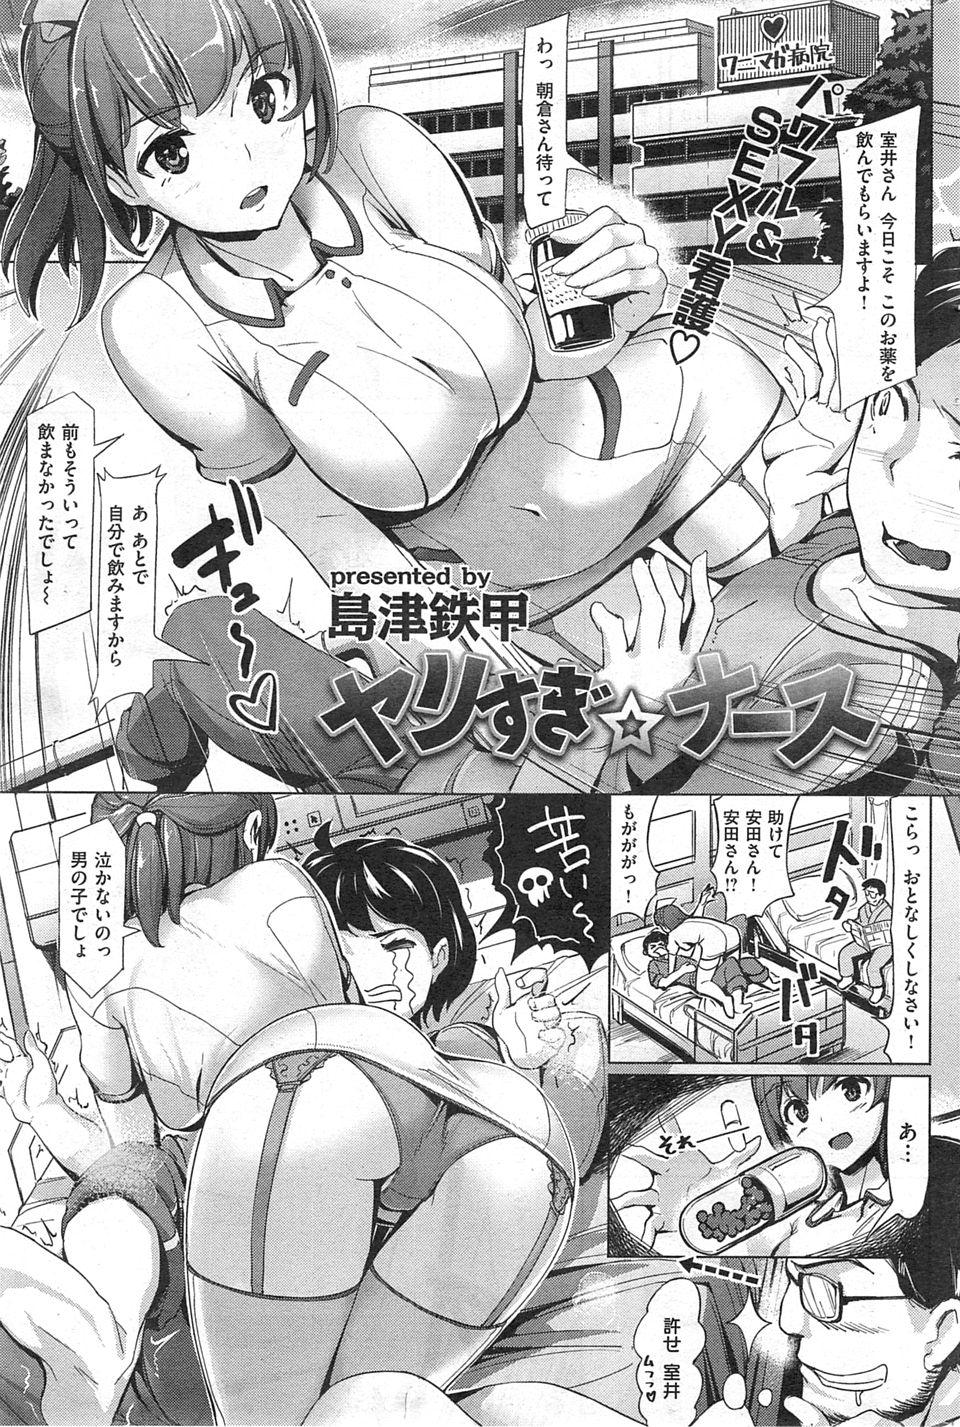 [島津鉄甲] ヤリすぎ☆ナース (1)